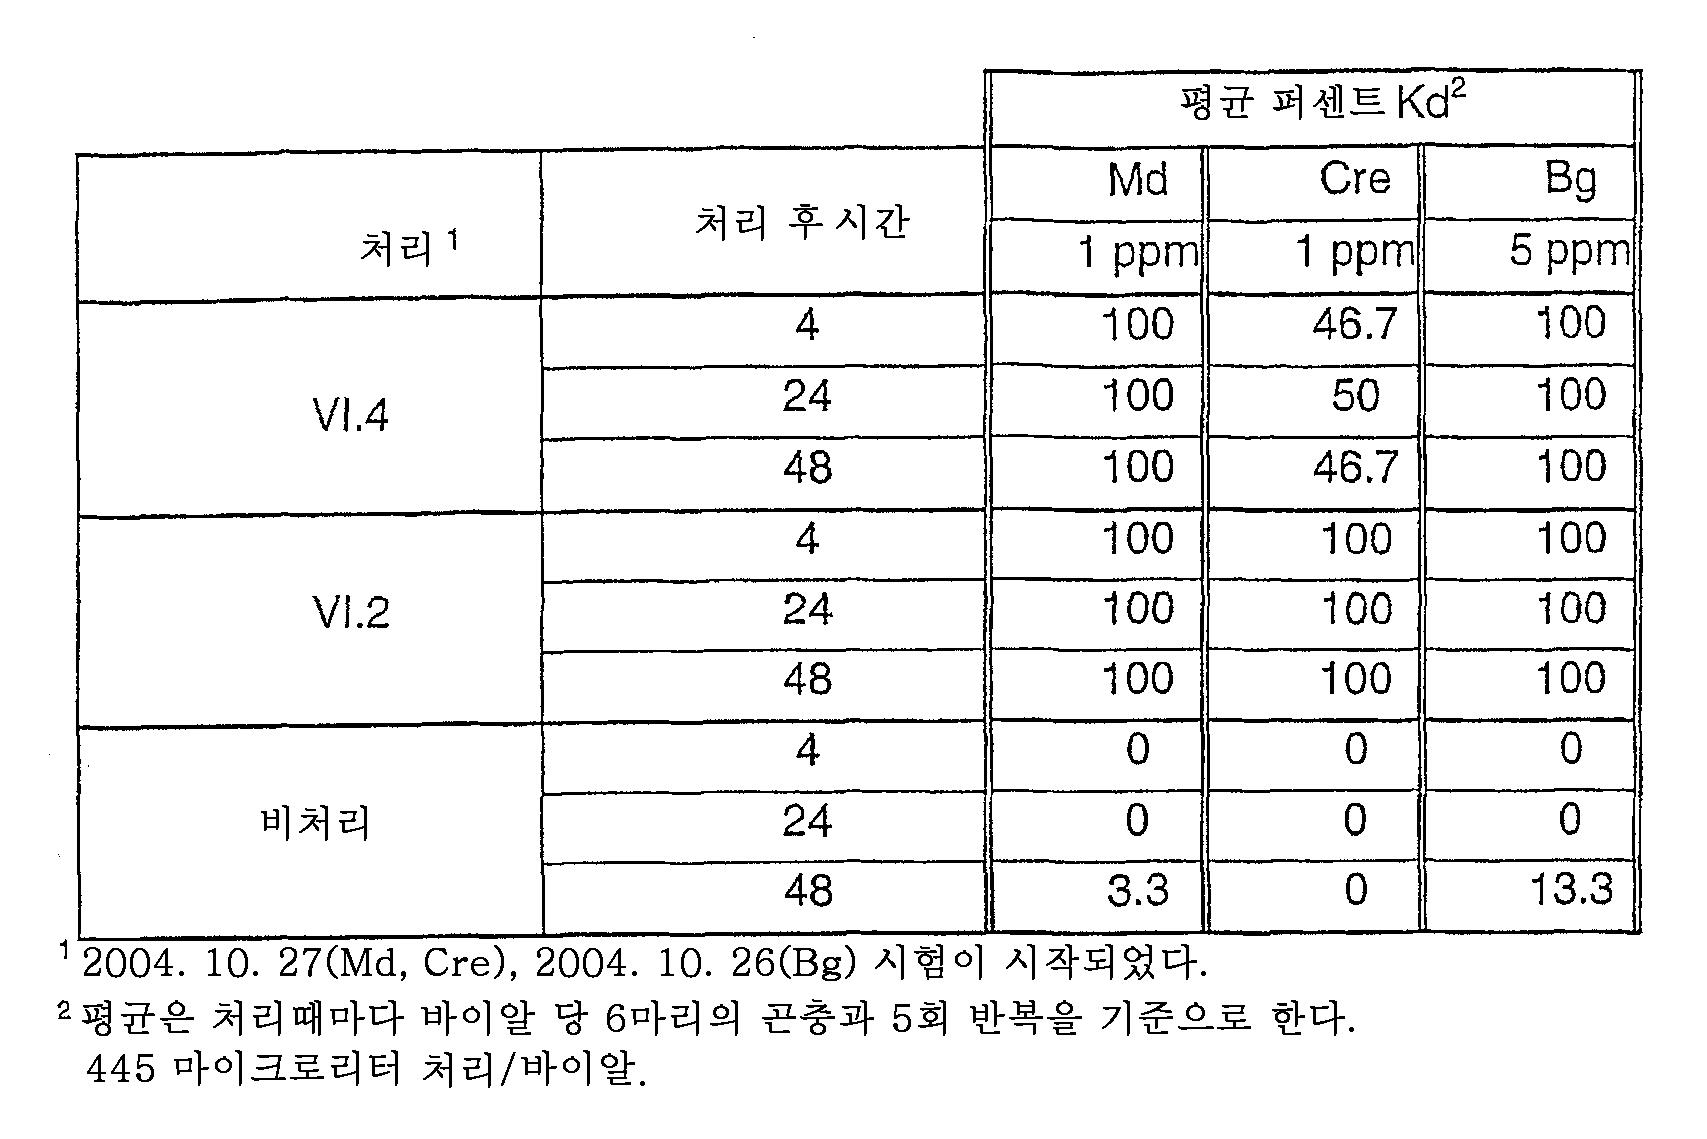 Vermox Tbl 6x mg